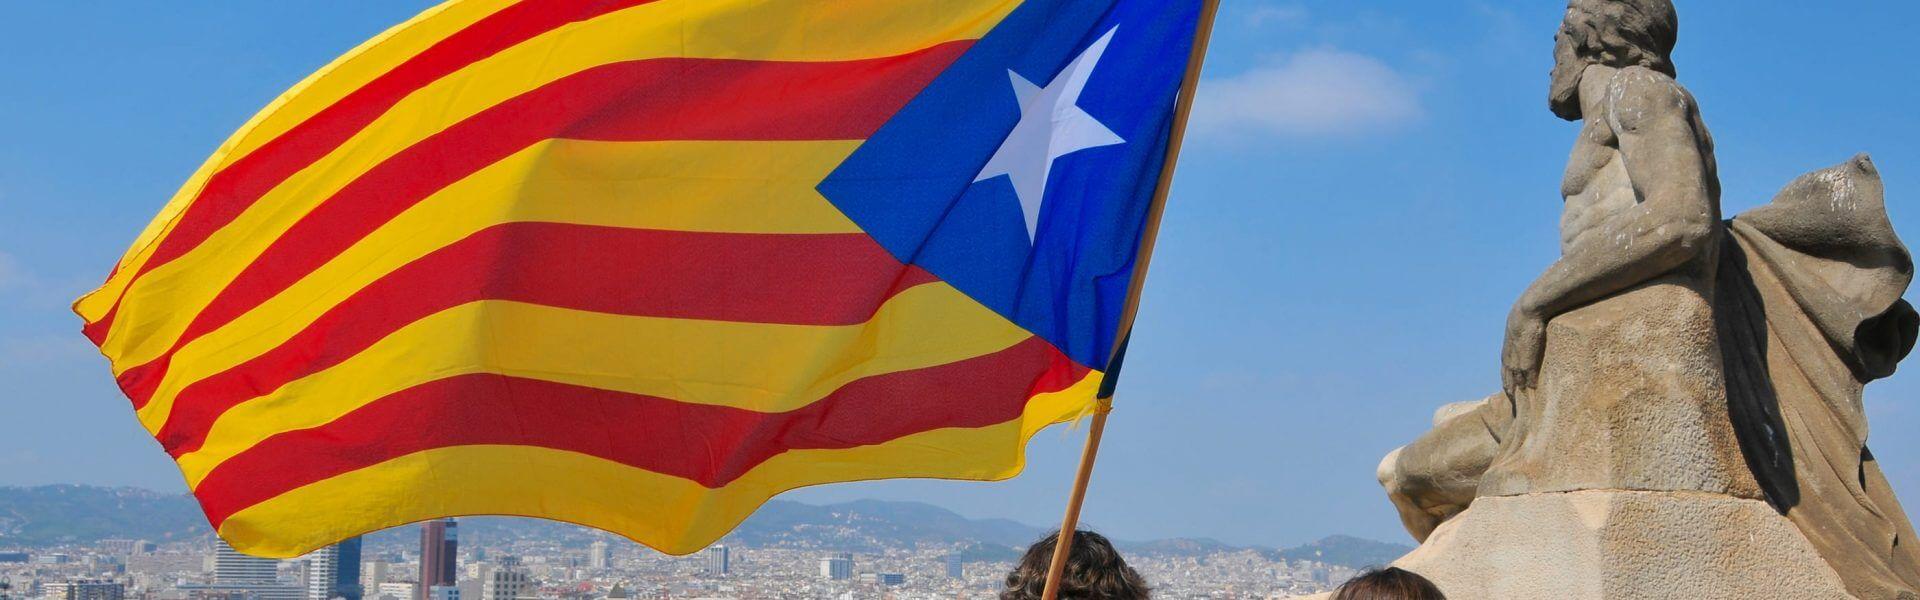 דגל קטלוניה מעל ברצלונה. תמונה ראשית: Bigstock